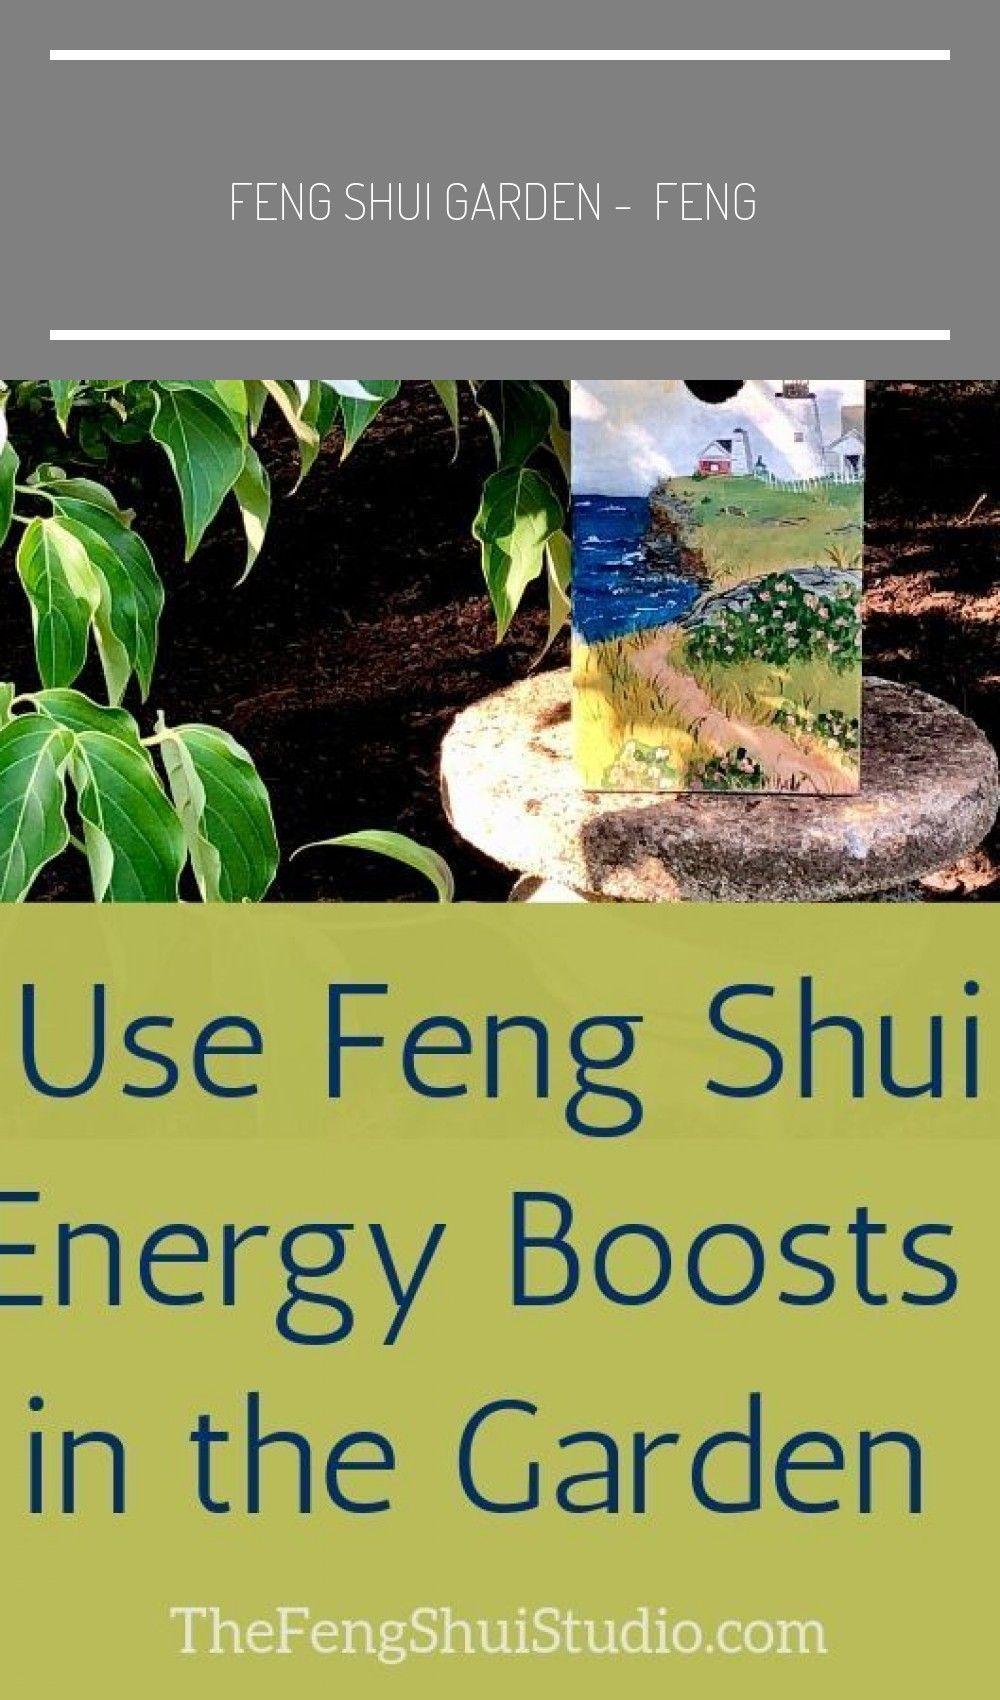 Feng Shui Garden - Feng in 2020 | Feng shui garden, Feng ... on Modern Feng Shui Garden  id=31351